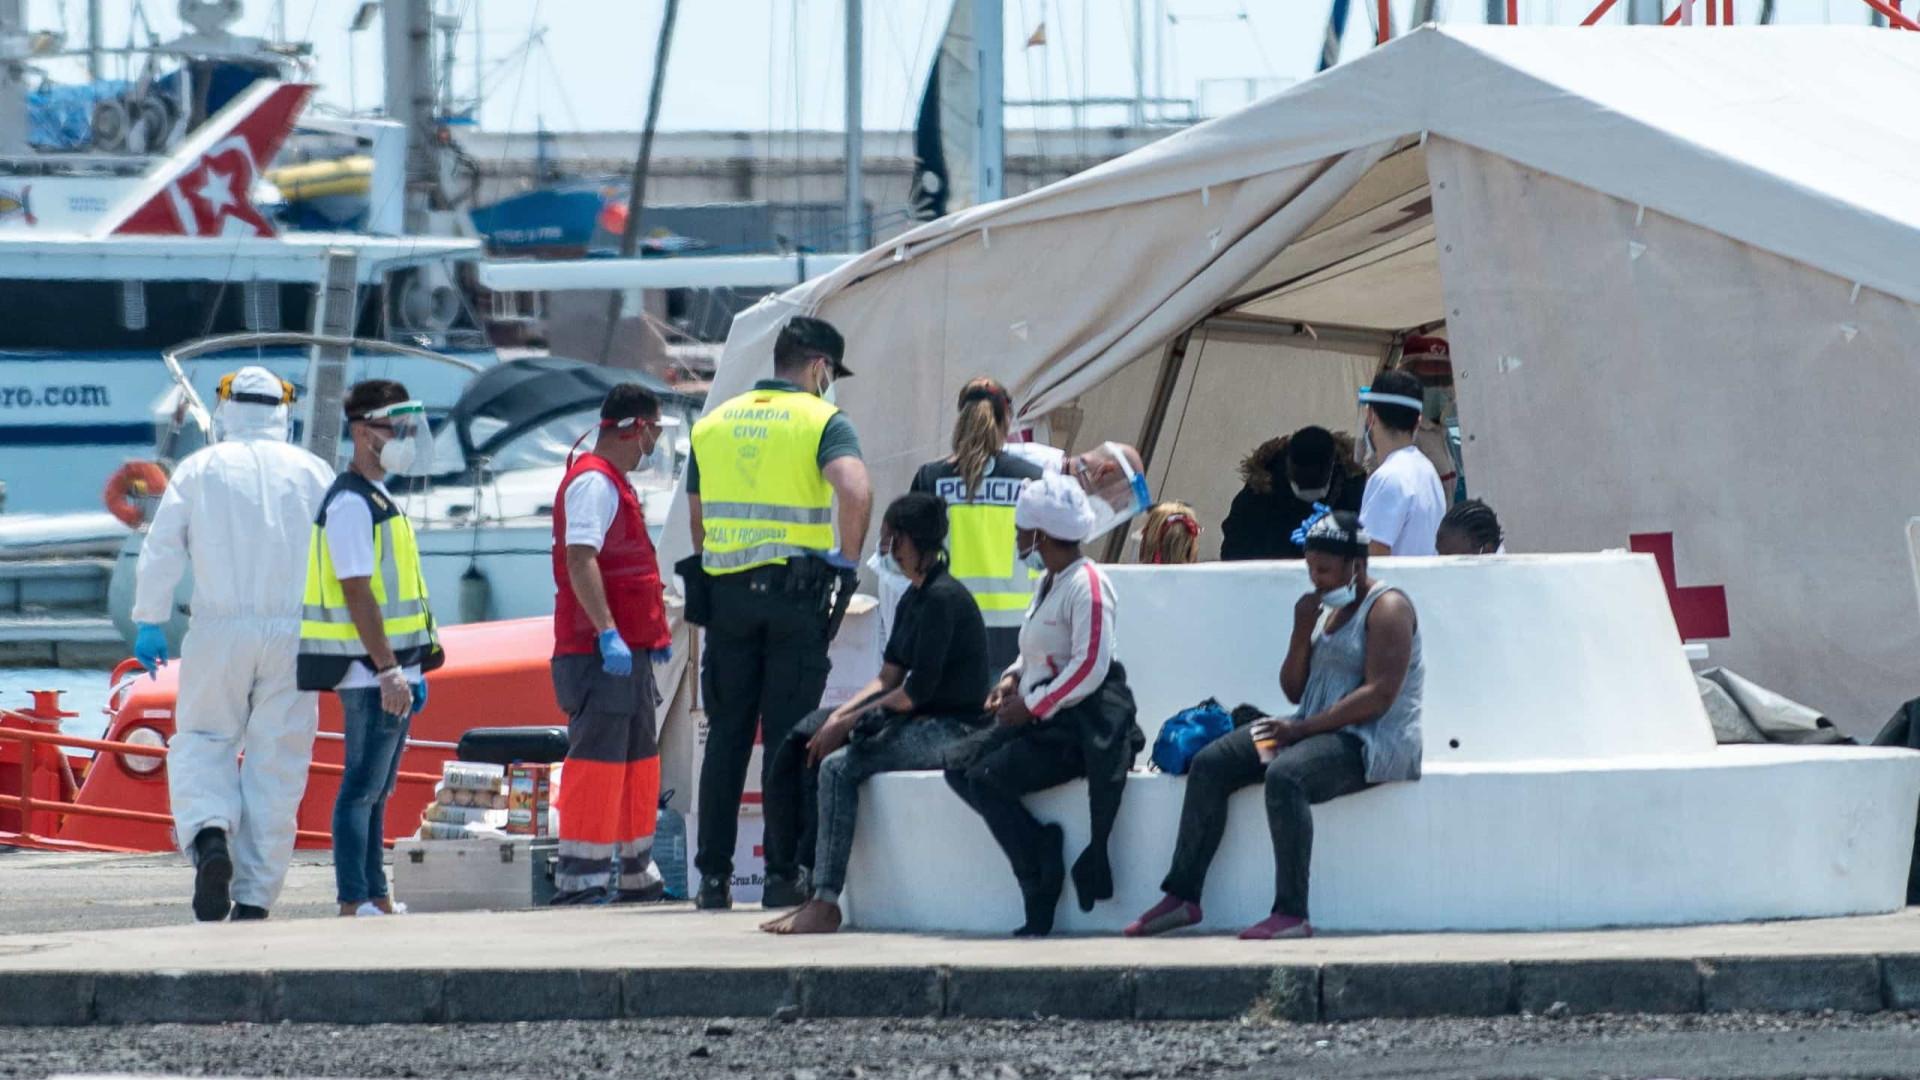 Quase 50 migrantes morrem em naufrágio entre Tunísia e Itália